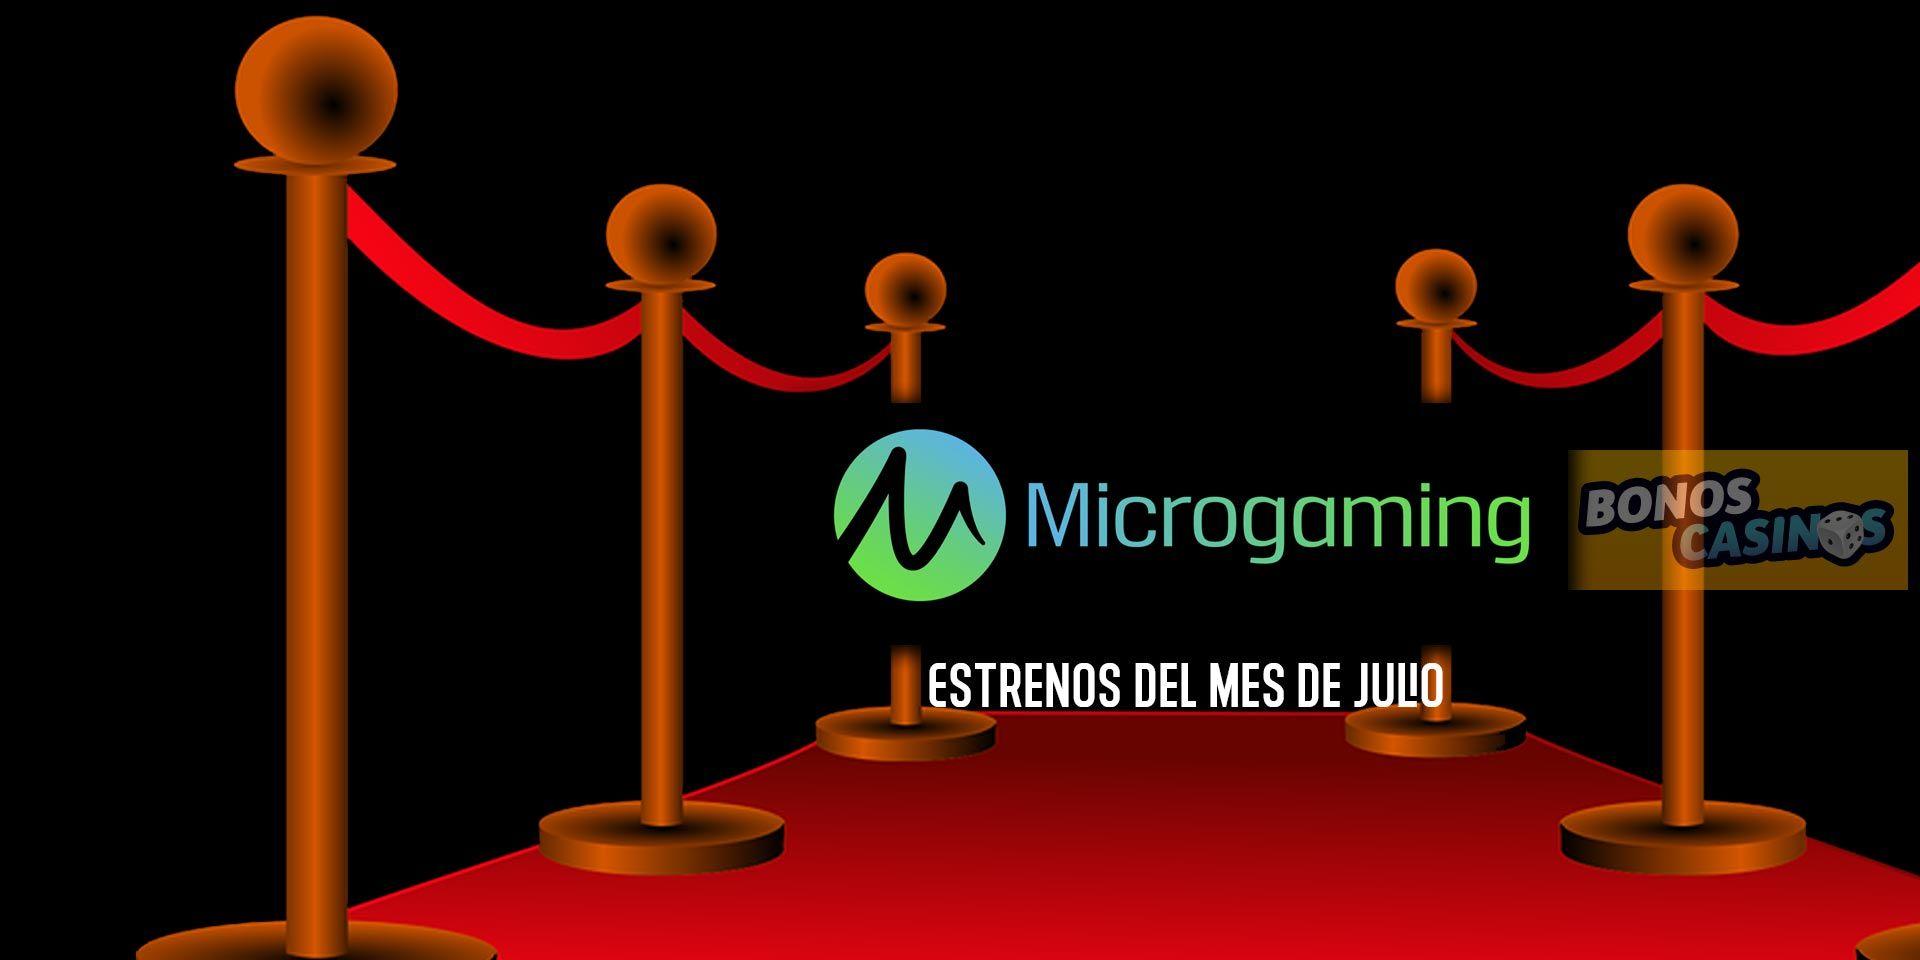 logo de Microgaming lanza nueva cartera de juegos para casinos